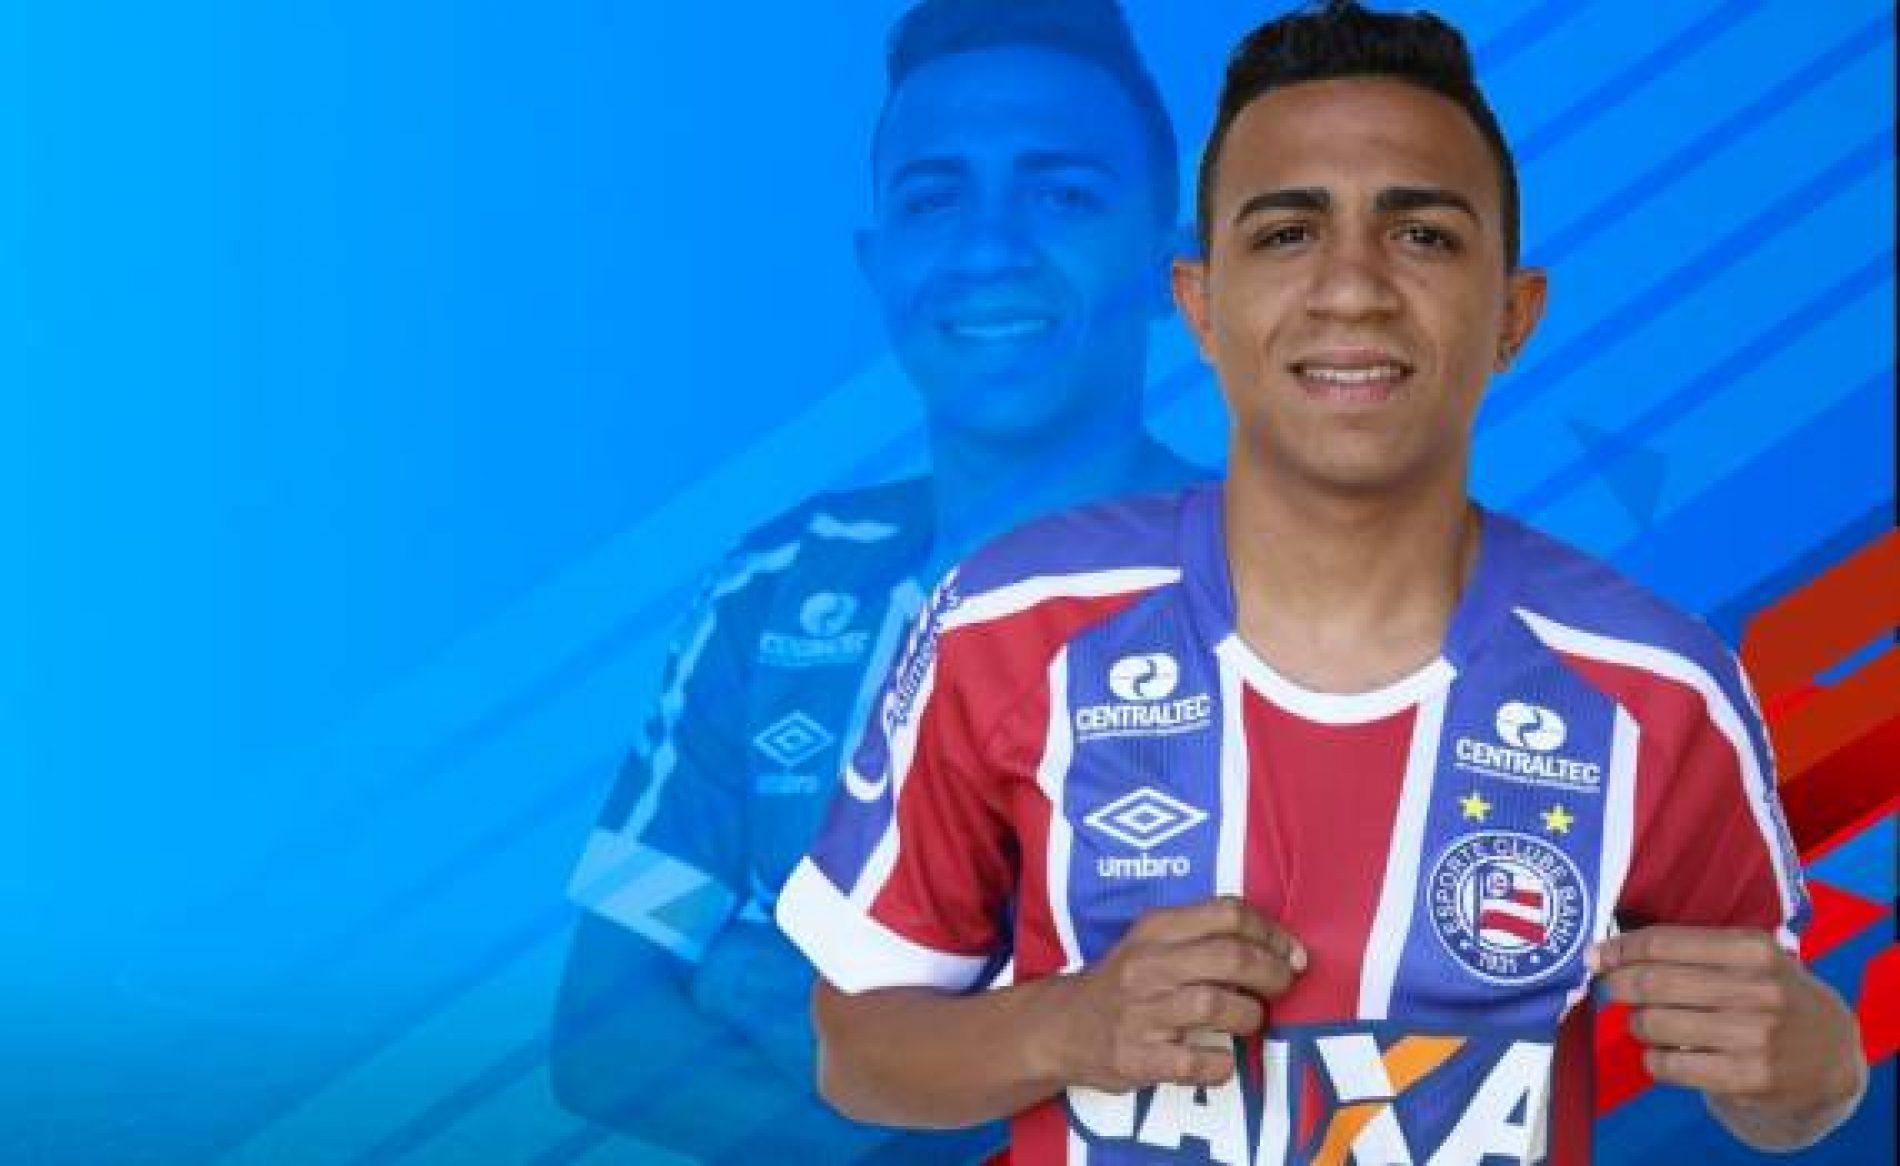 Emprestado pelo Náutico, Volante Luiz Henrique é anunciado oficialmente pelo Bahia